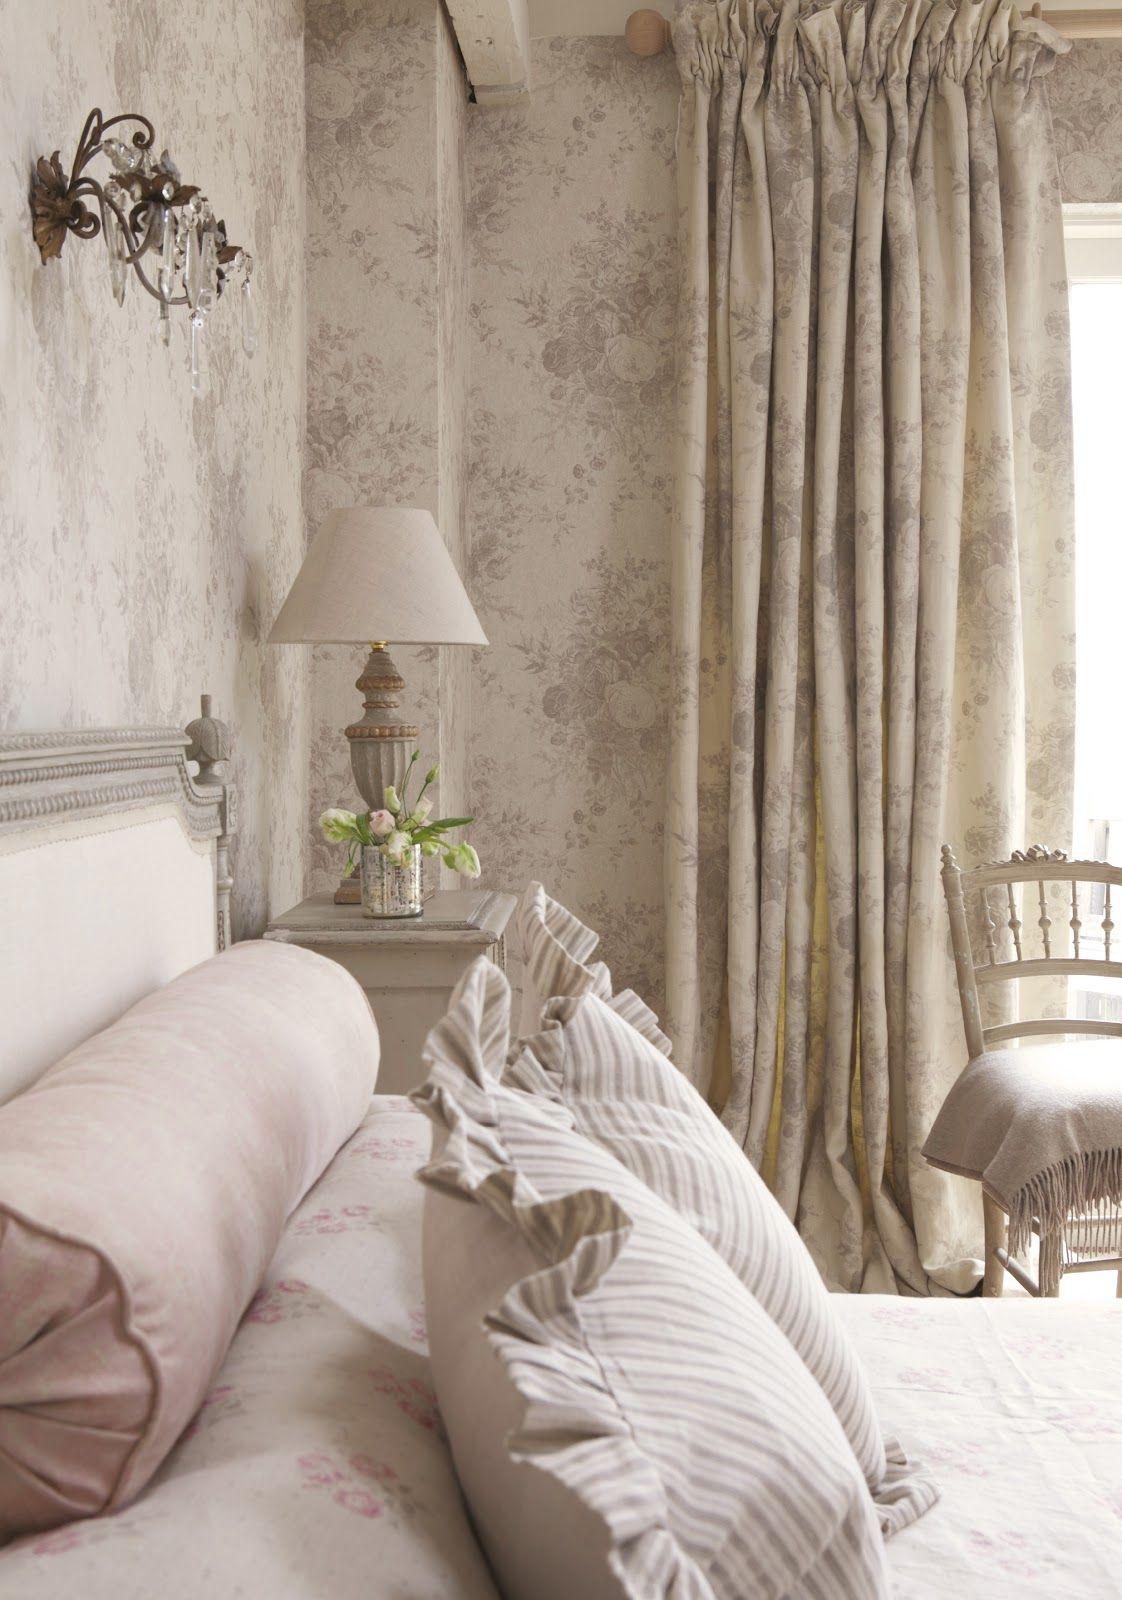 Romantisches schlafzimmer interieur pin von manuela frank auf schlafzimmer  pinterest  schlafzimmer